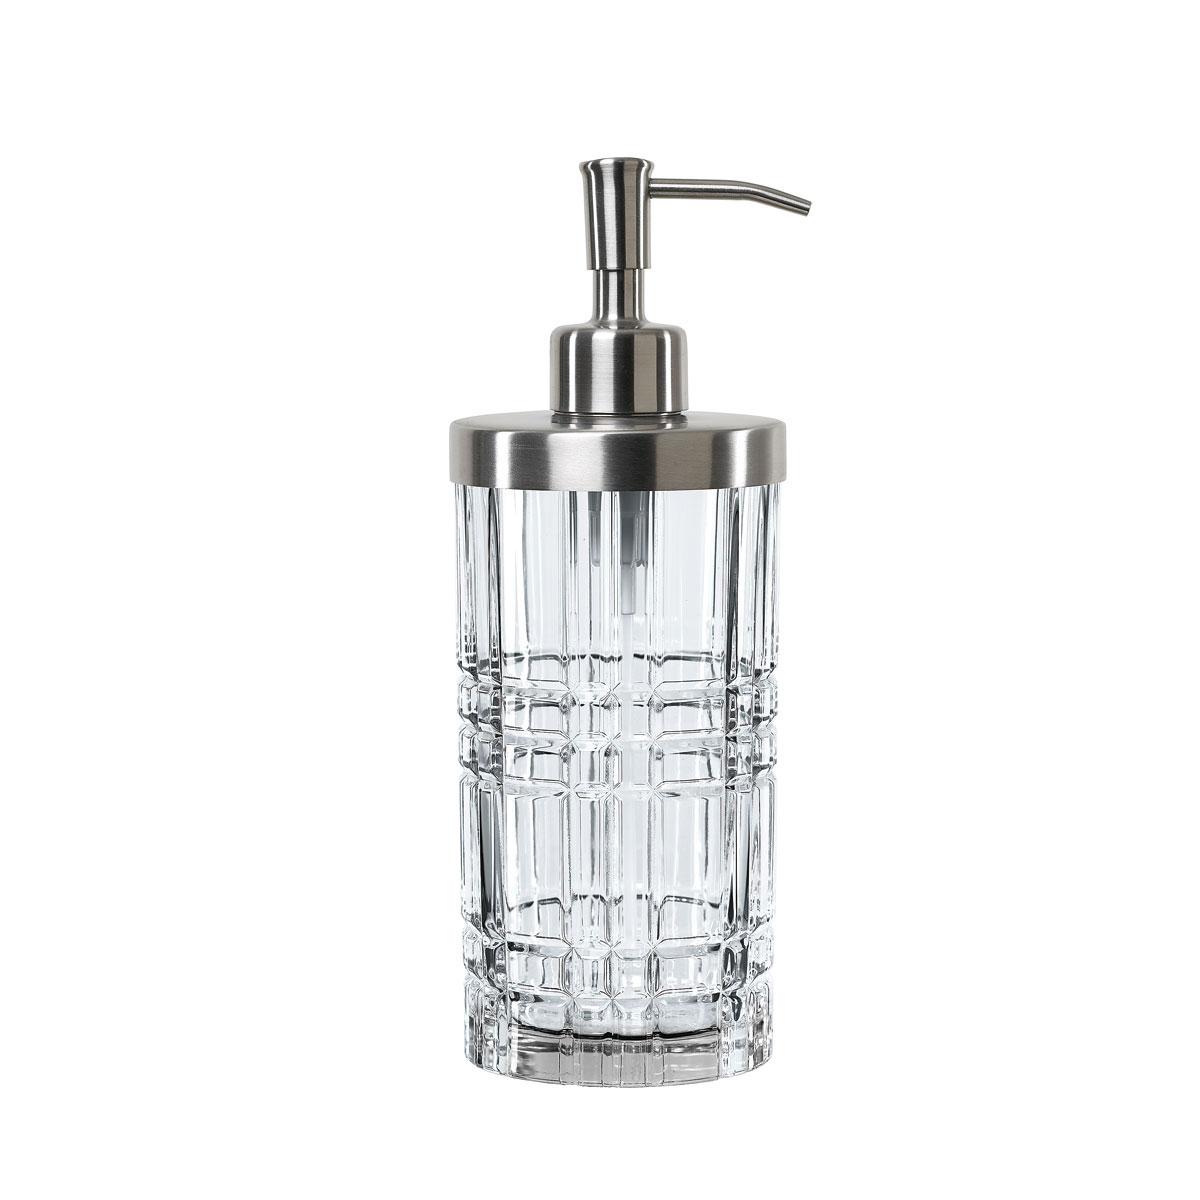 Nachtmann Spa Soap Dispenser XL